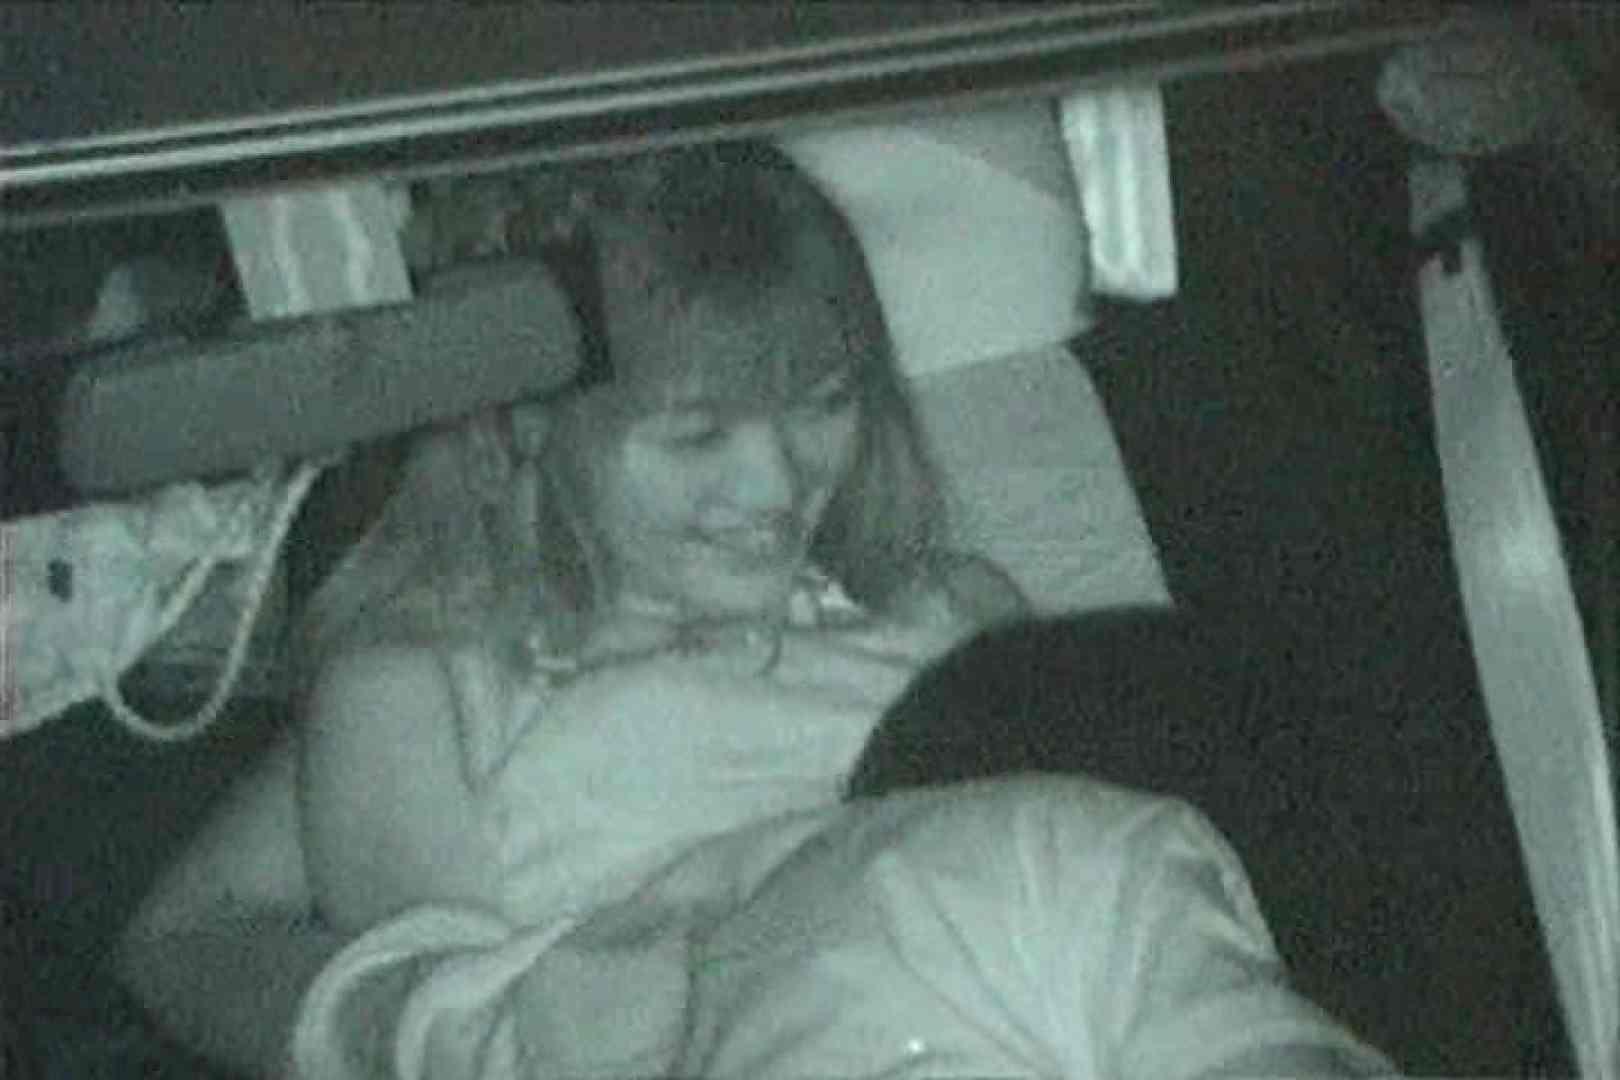 車の中はラブホテル 無修正版  Vol.24 エッチなセックス われめAV動画紹介 102画像 10